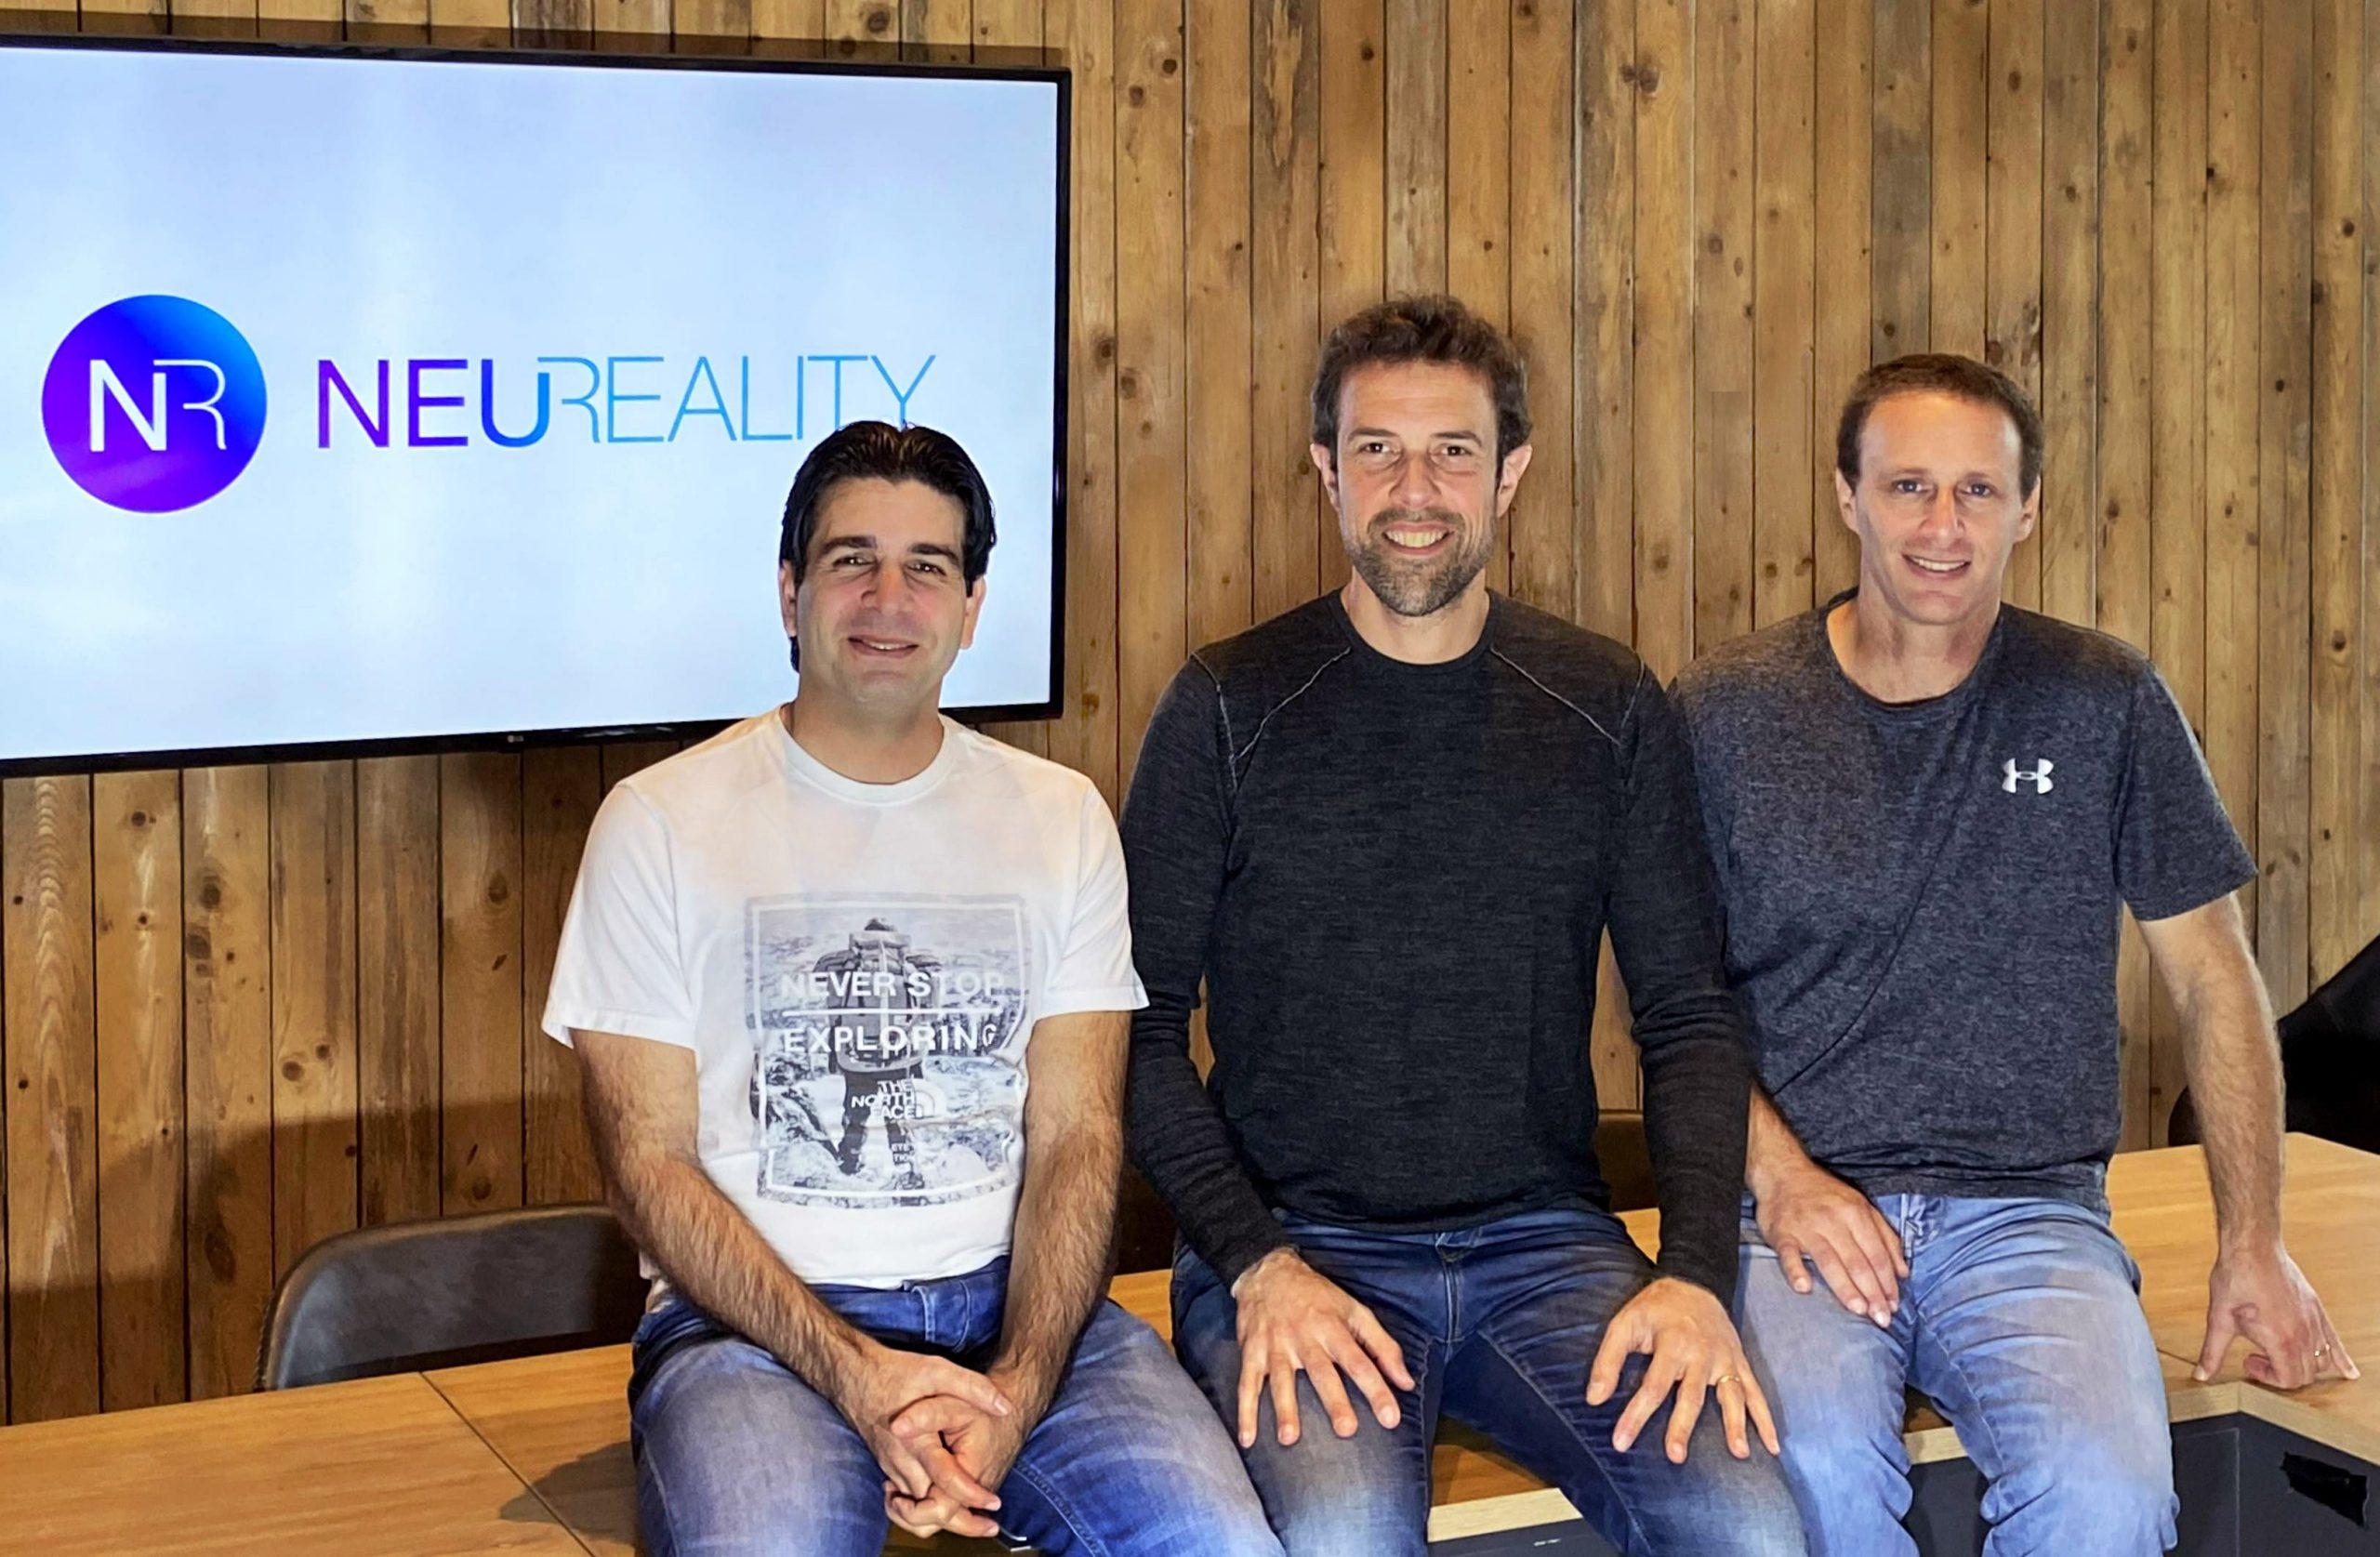 מייסדי Neureality. משמאל לימין יוסי קסוס, משה תנך וצביקה שמואלי. צילום יחצ